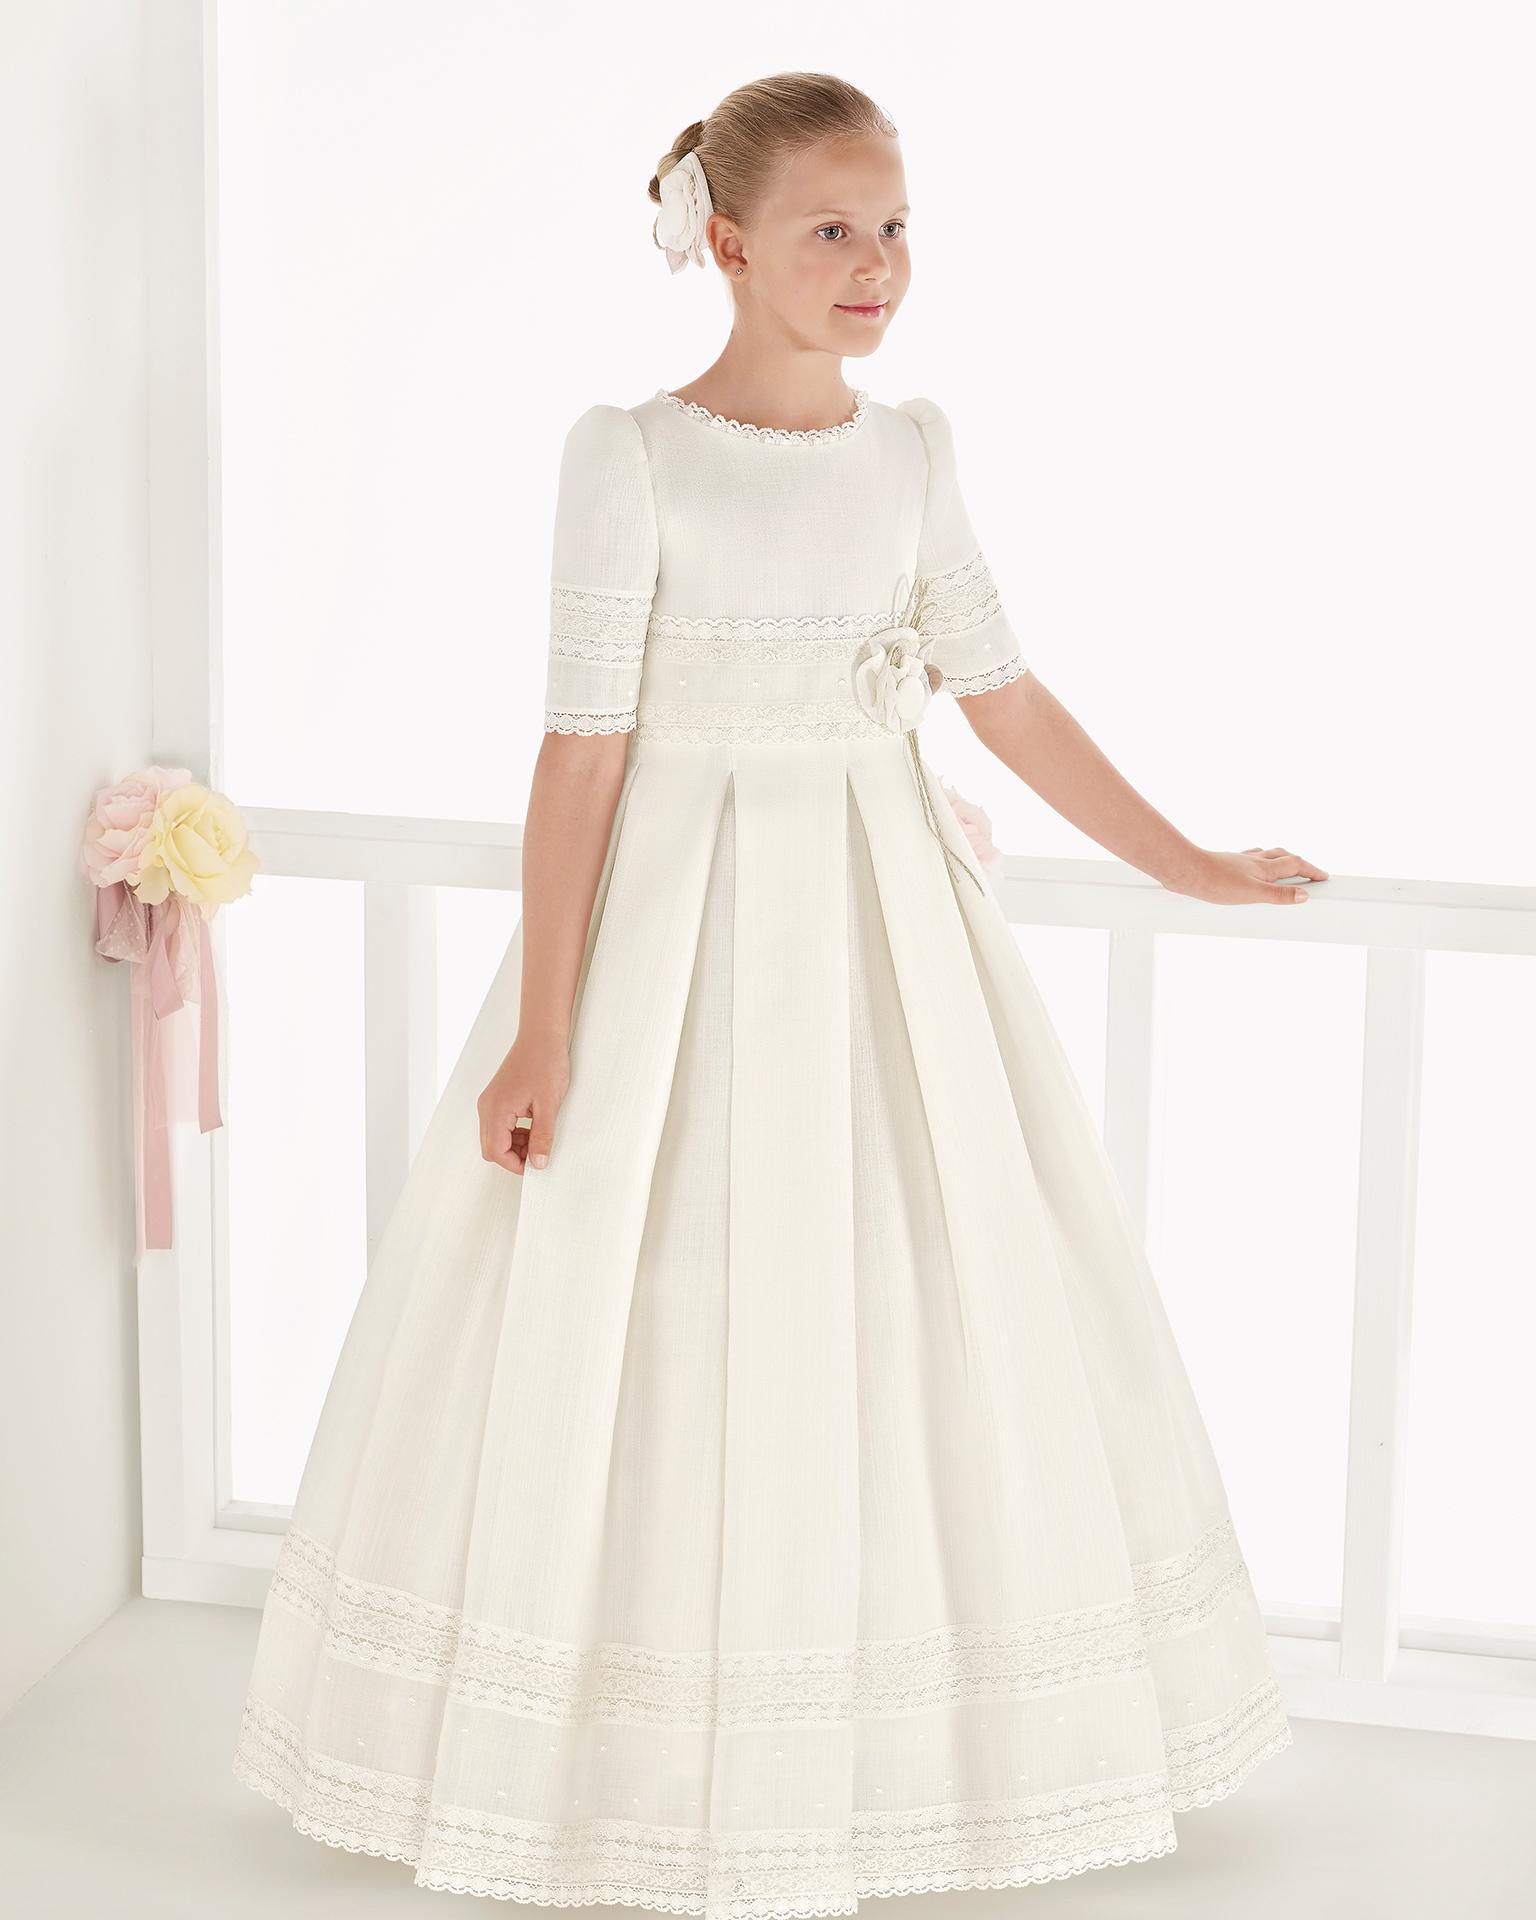 象牙色经典款篮式编织元素初次圣礼裙,采用高腰设计。 AIRE COMUNION 新品系列 2018.